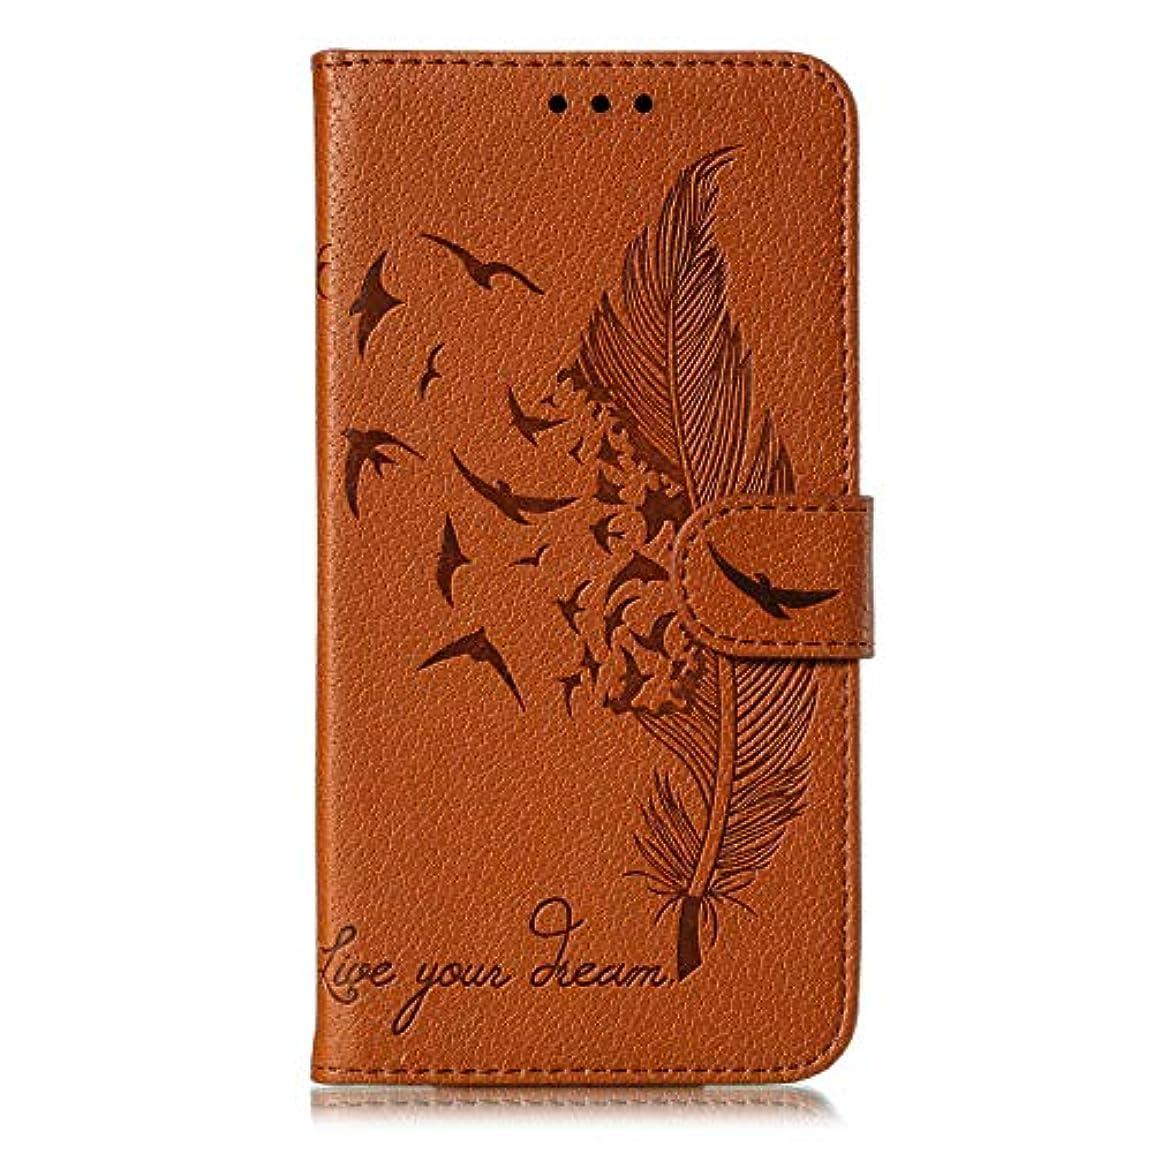 命令義務付けられた効能Xiaomi MI 9 ケース, OMATENTI PUレザー手帳型 ケース, 薄型 財布押し花 フェザー柄 スマホケース, マグネット開閉式 スタンド機能 カード収納 付き人気 新品, 褐色